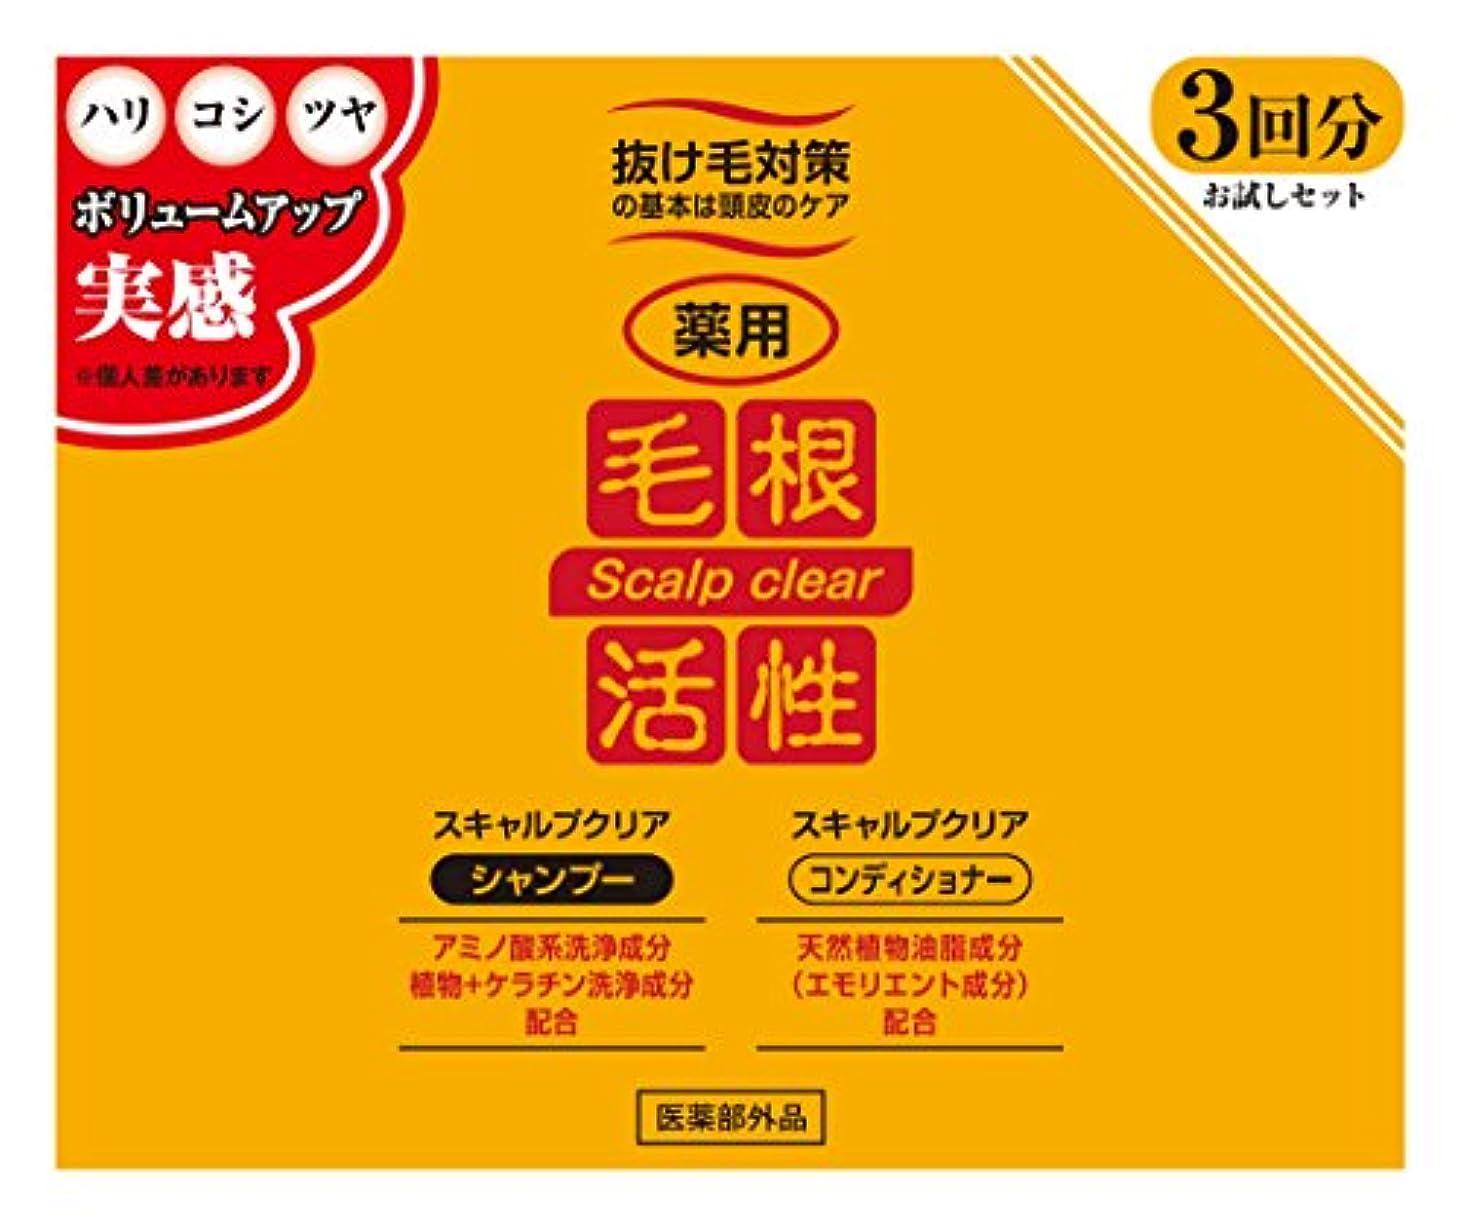 薬用 毛根活性 シャンプー&コンディショナー 3日間お試しセット (シャンプー10ml×3個 + コンディショナー10ml×3個)